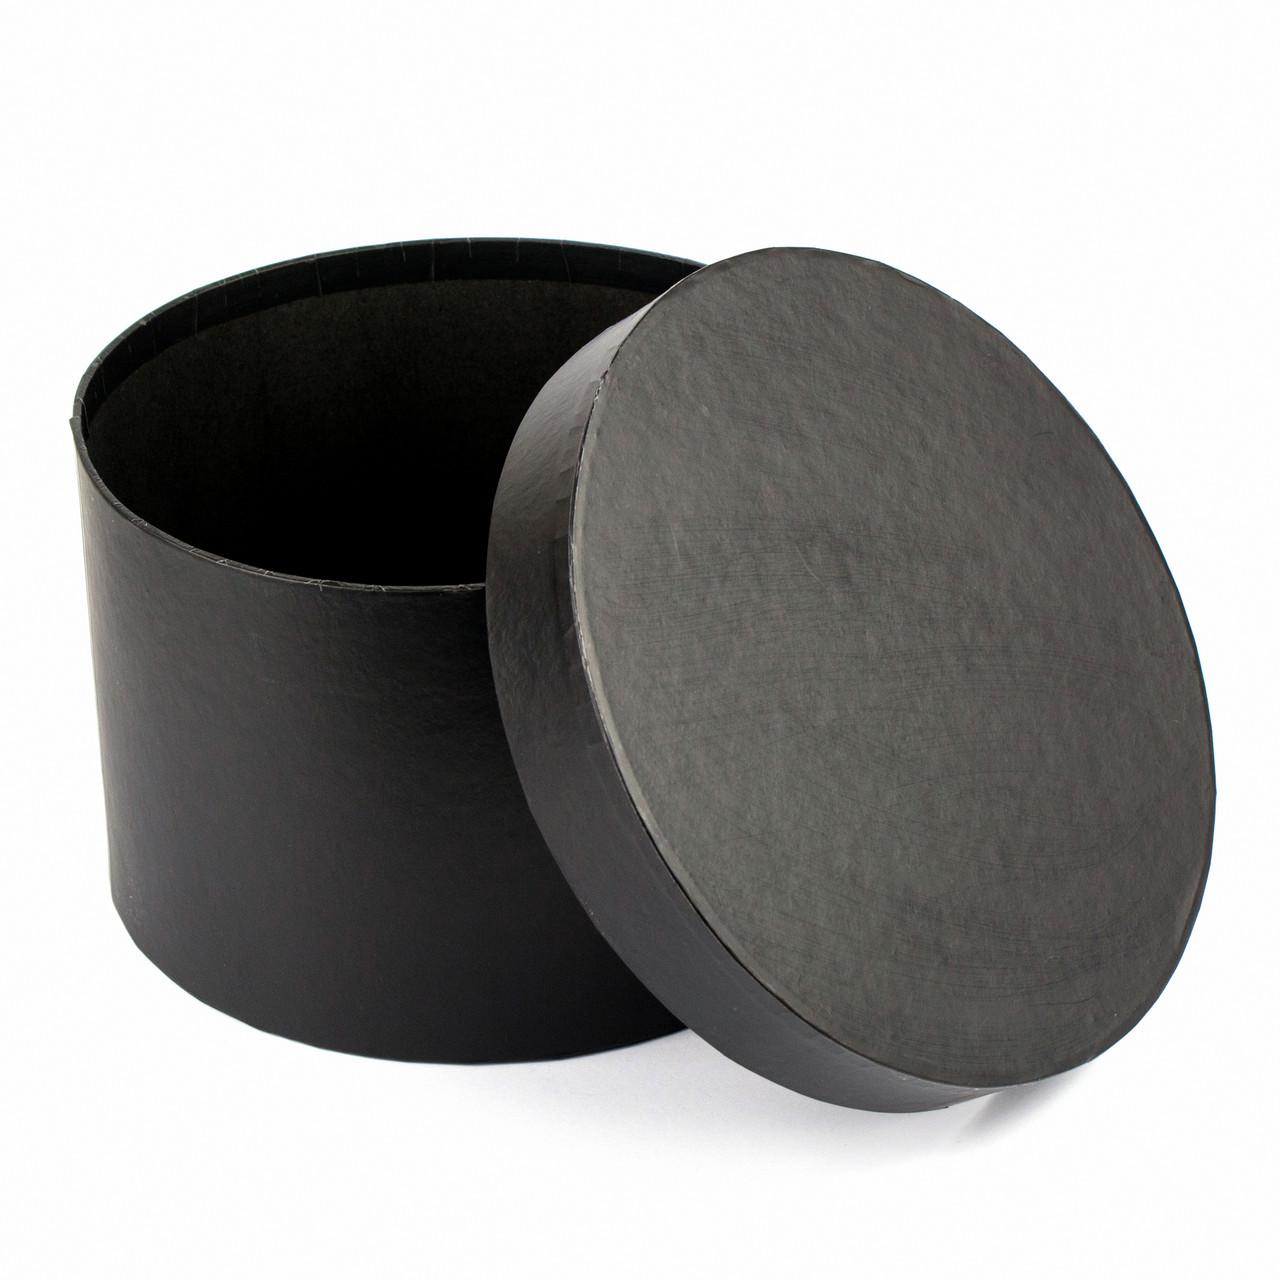 Подарочная коробка круглая черная 23.5x15 см